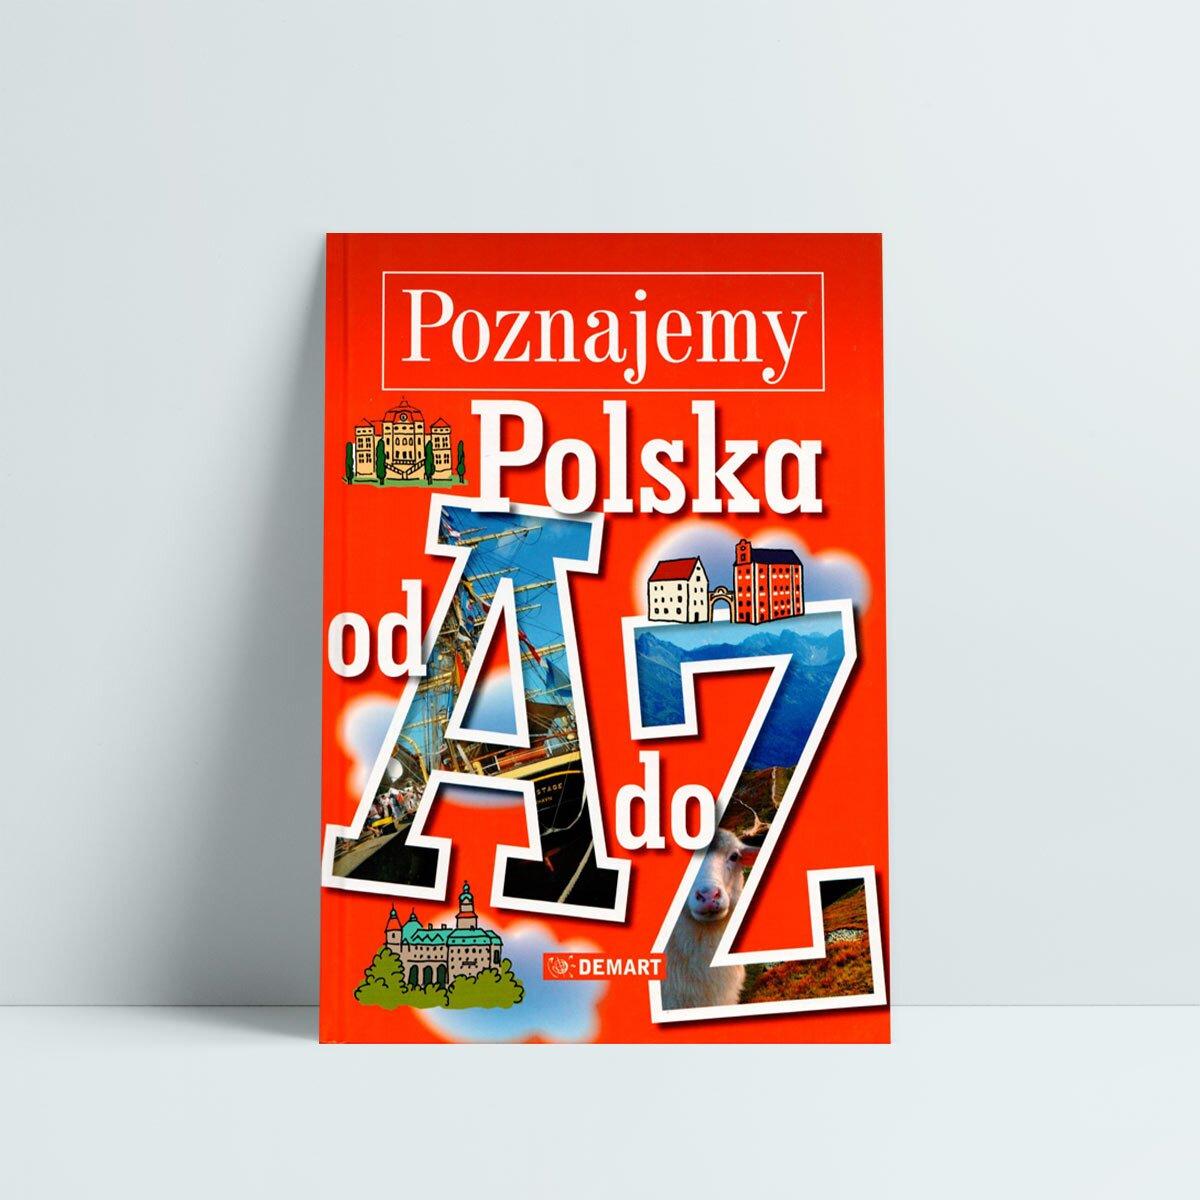 poznajemy polska od a do z demart